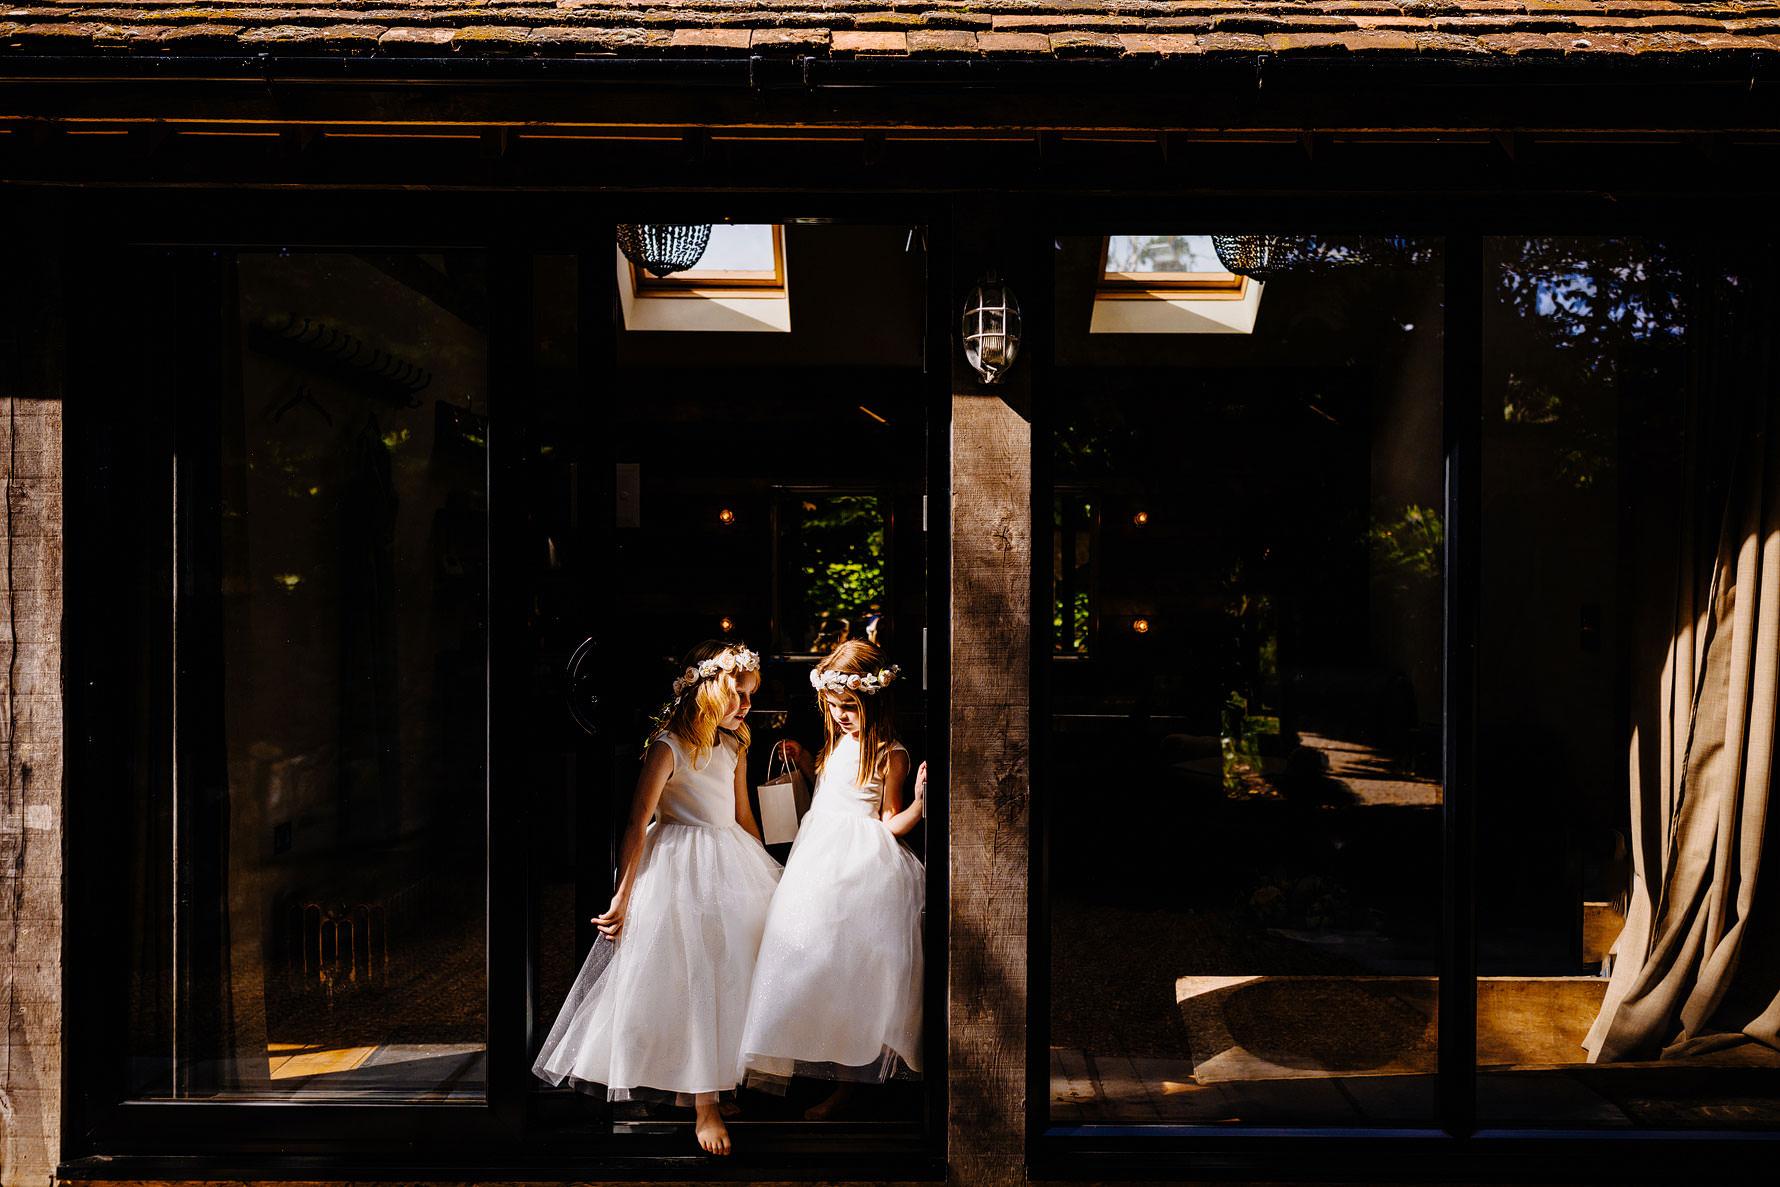 flower girls ready for a wedding